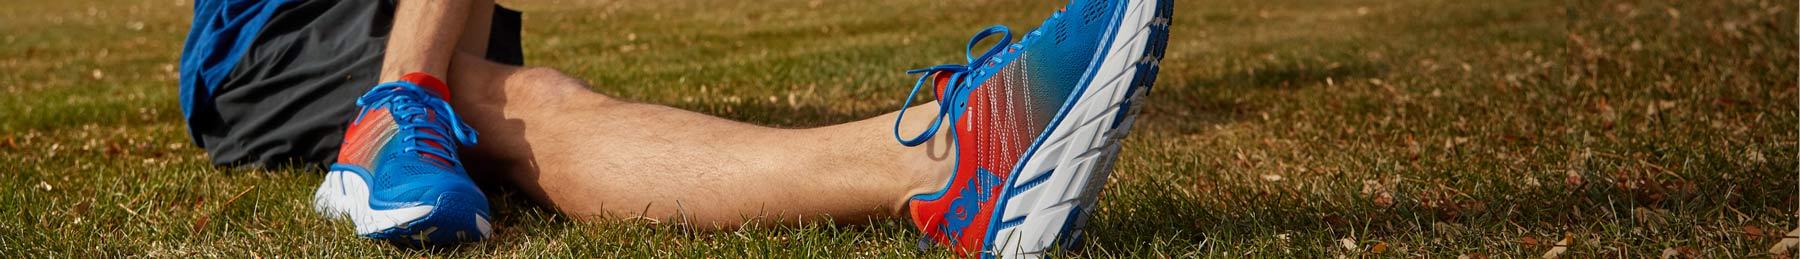 Man streching in grass wearing HOKA shoes.